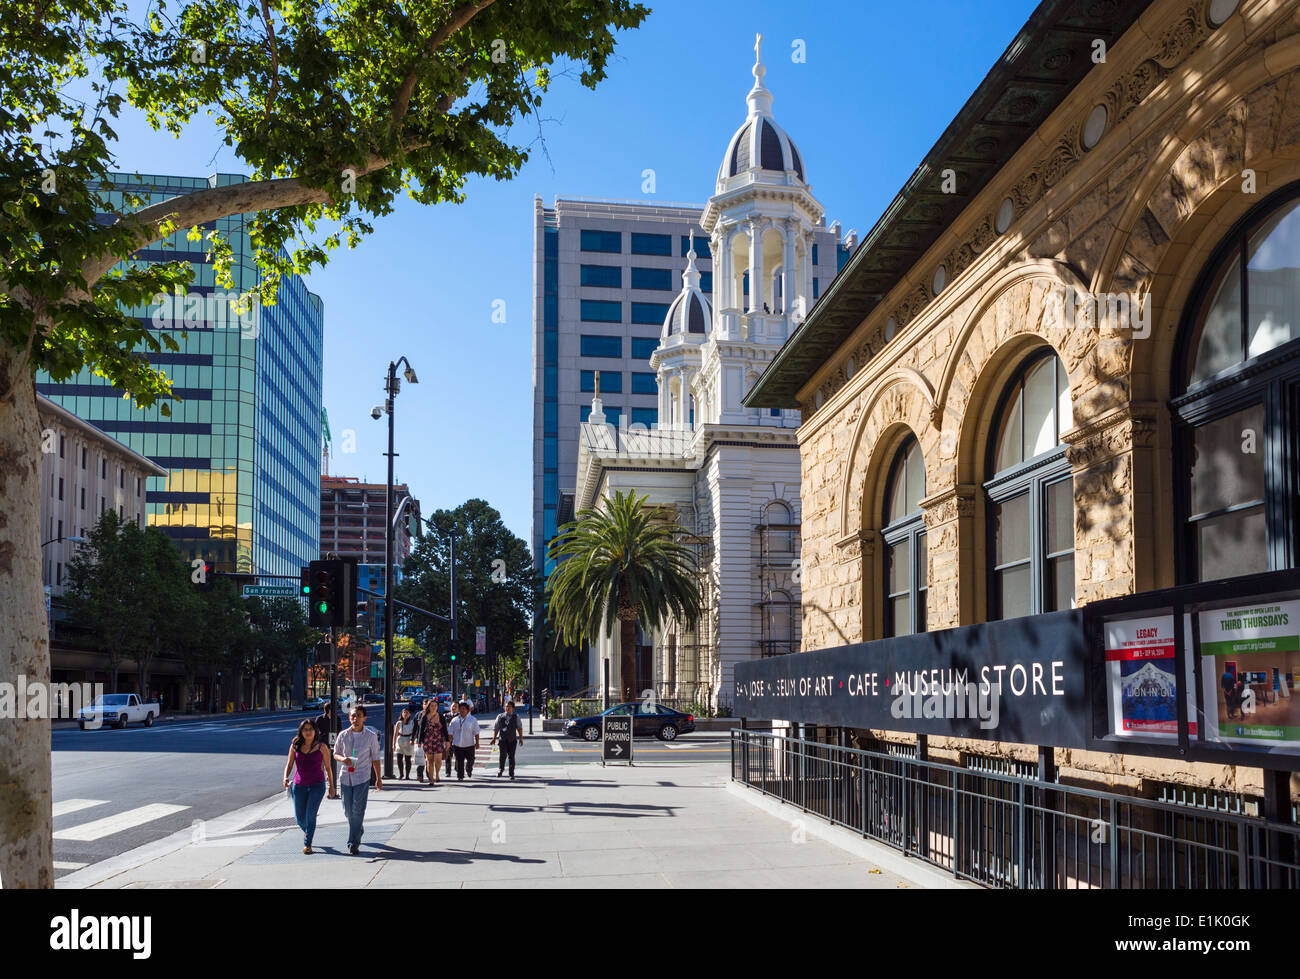 La Cathédrale et le Musée d'Art sur Market Street dans le centre-ville de San Jose, le comté de Santa Clara, Californie, USA Photo Stock